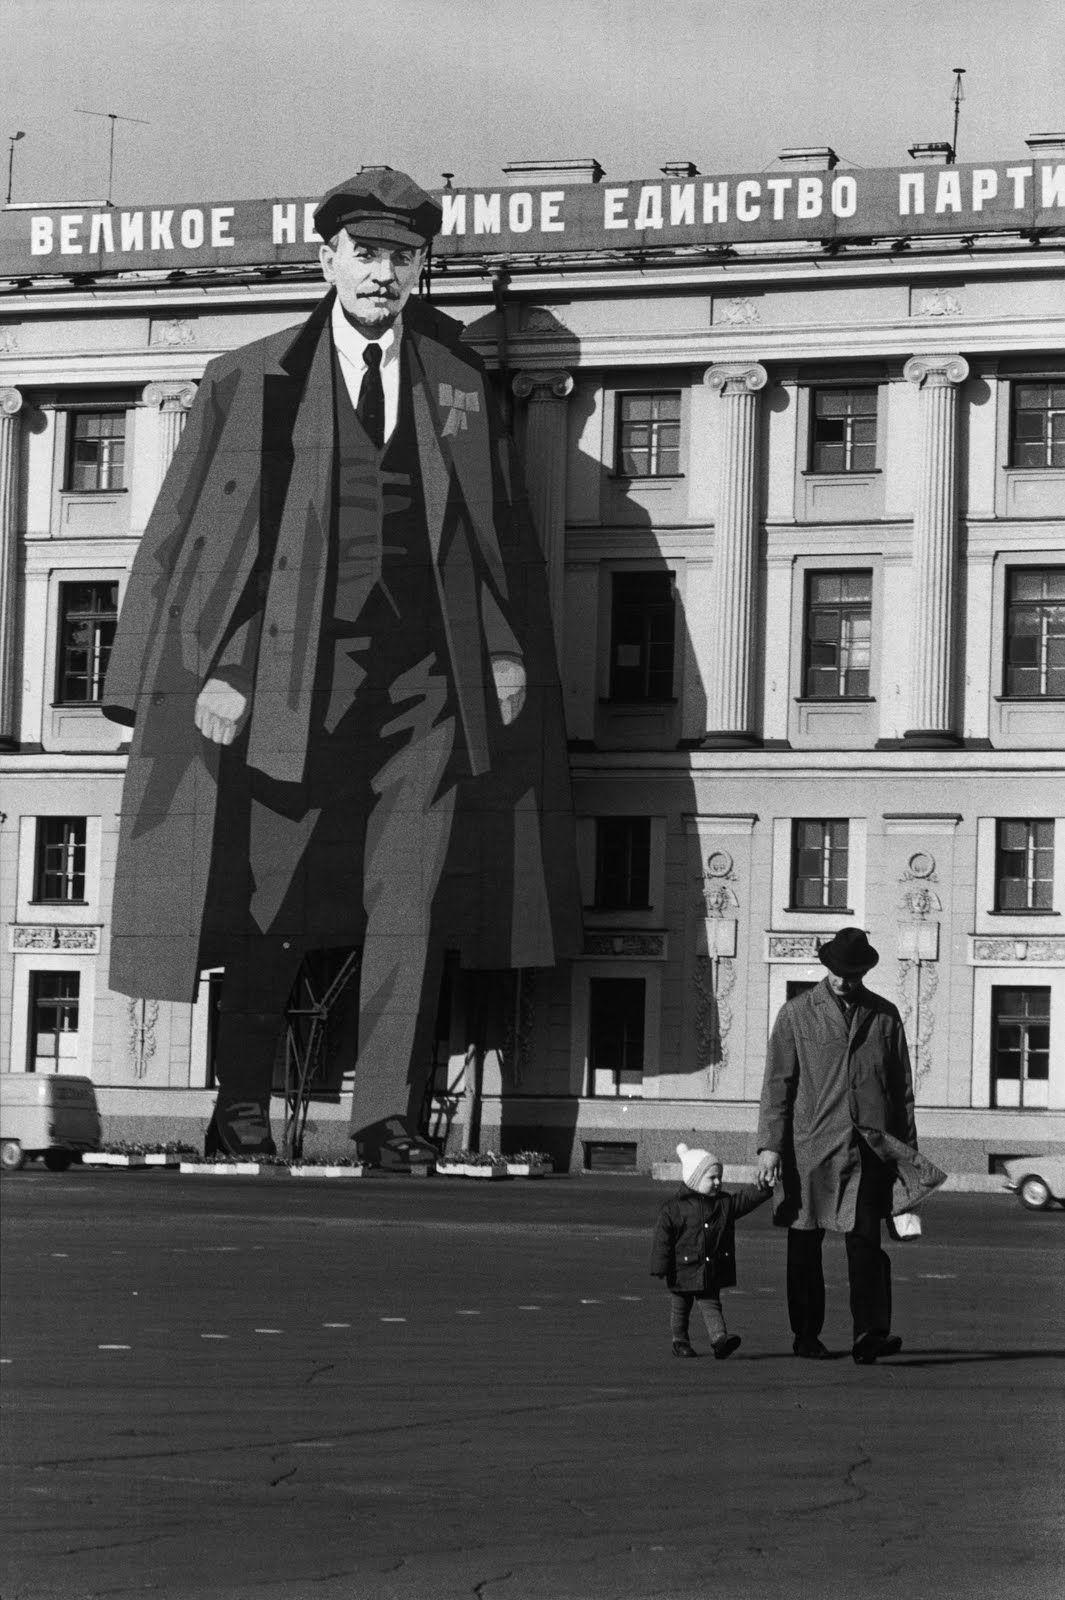 Henri Cartier- Bresson //Soviet Union, Russia, Leningrad, 1973.